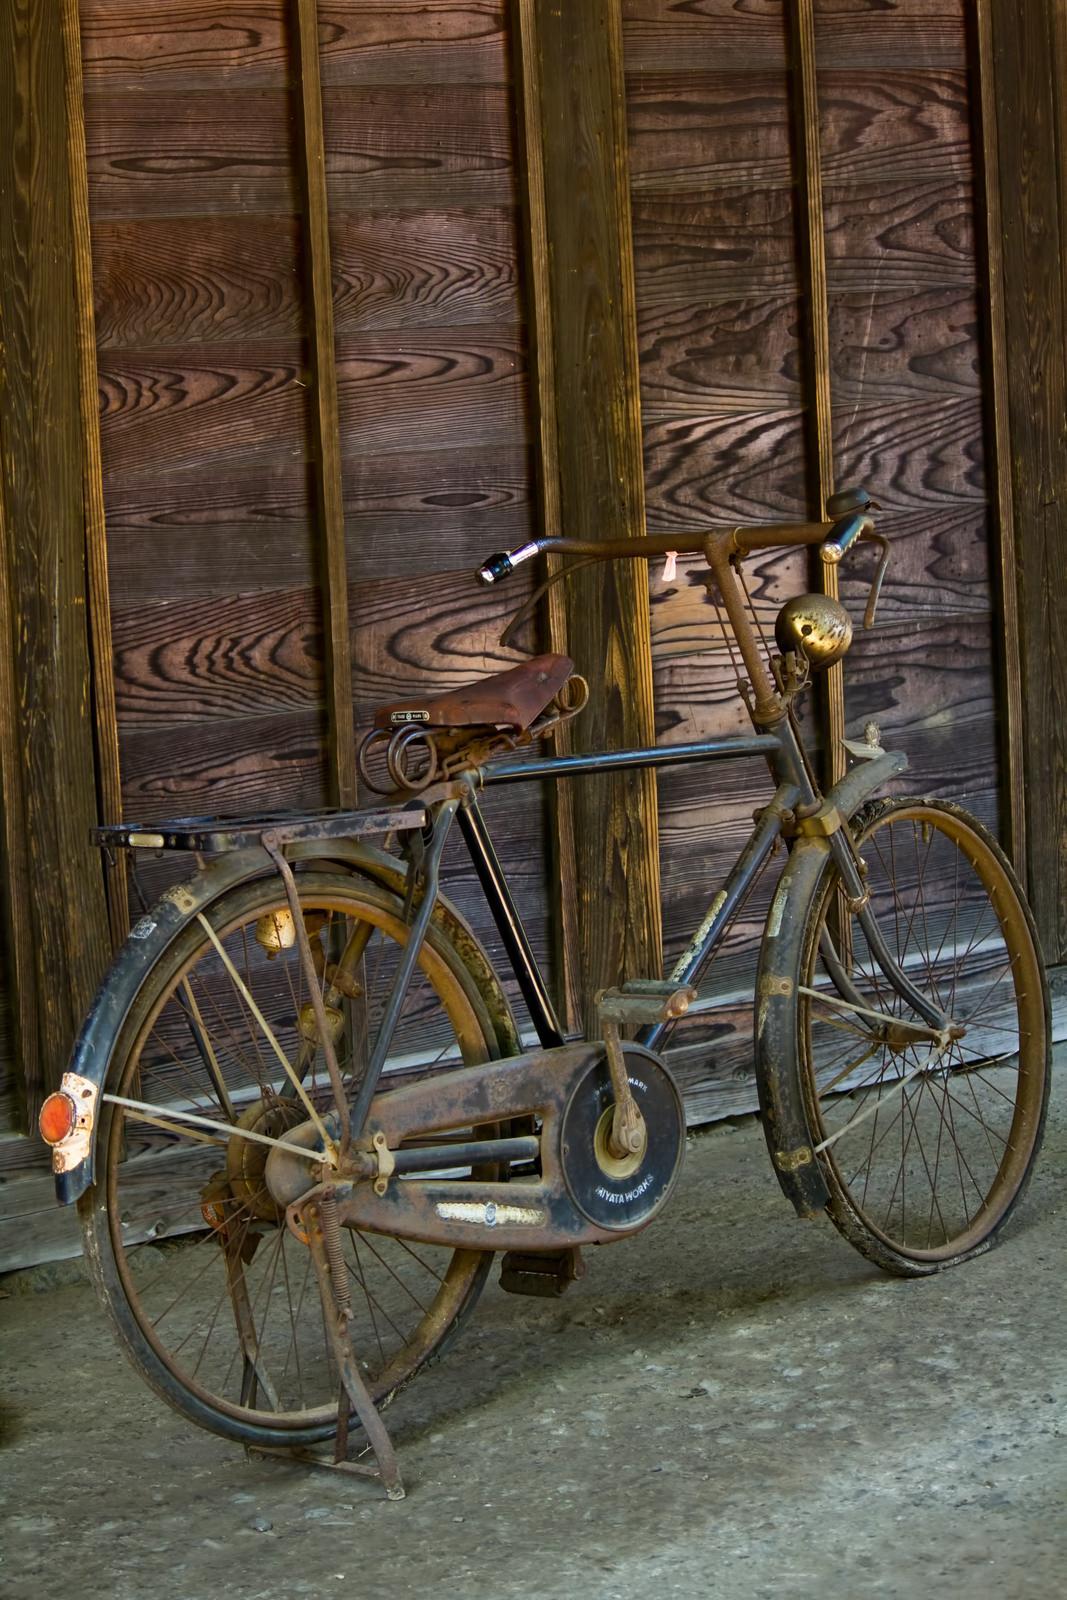 古びて錆びた自転車古びて錆びた自転車